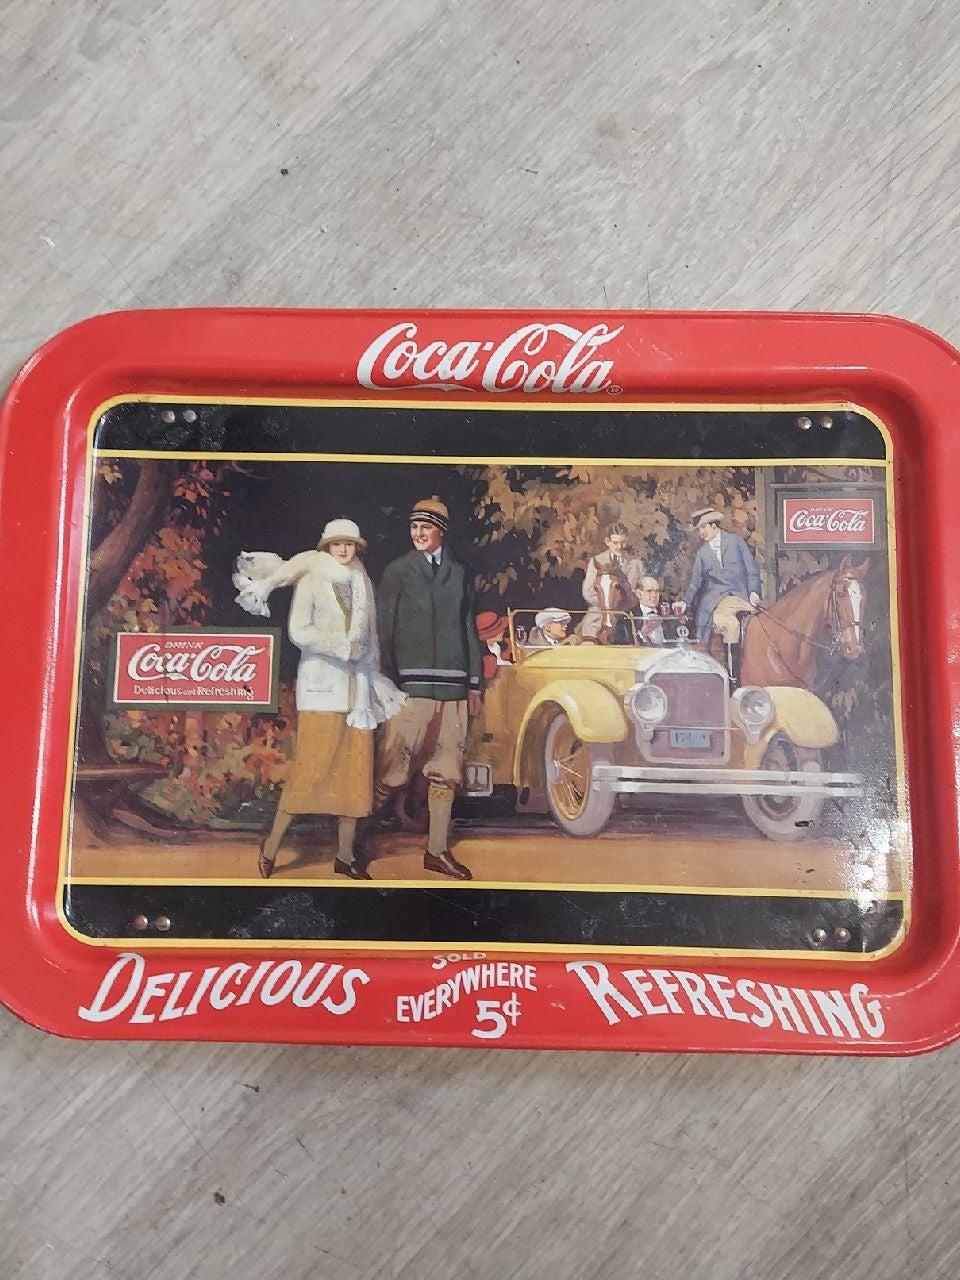 1987 Coca-Cola tray